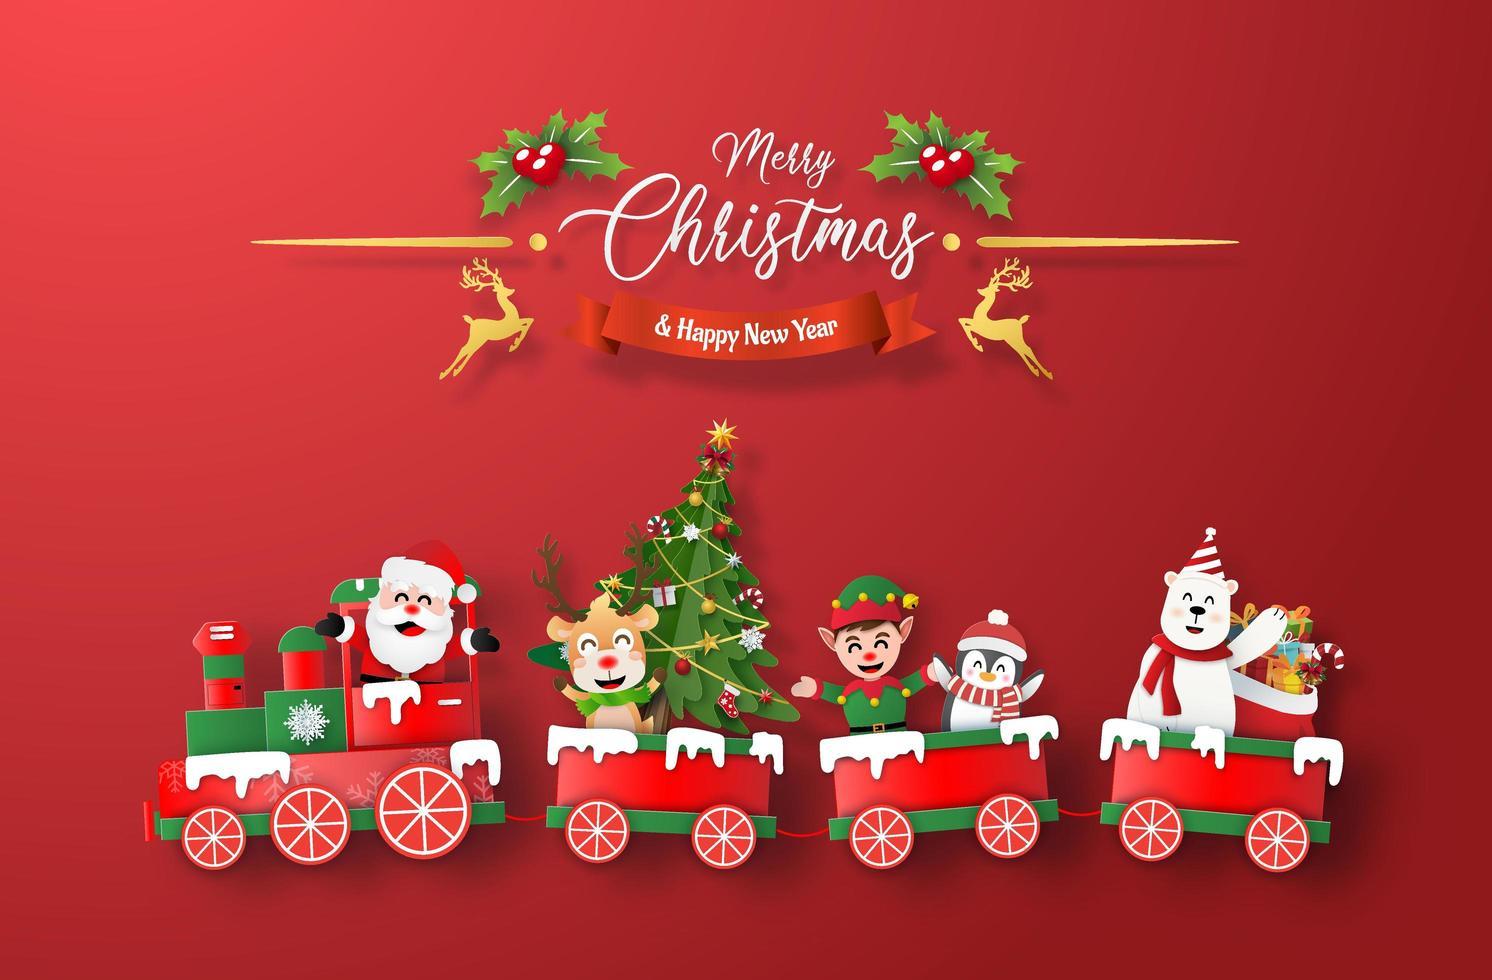 arte di carta origami del treno di Natale con Babbo Natale e carattere su sfondo rosso vettore